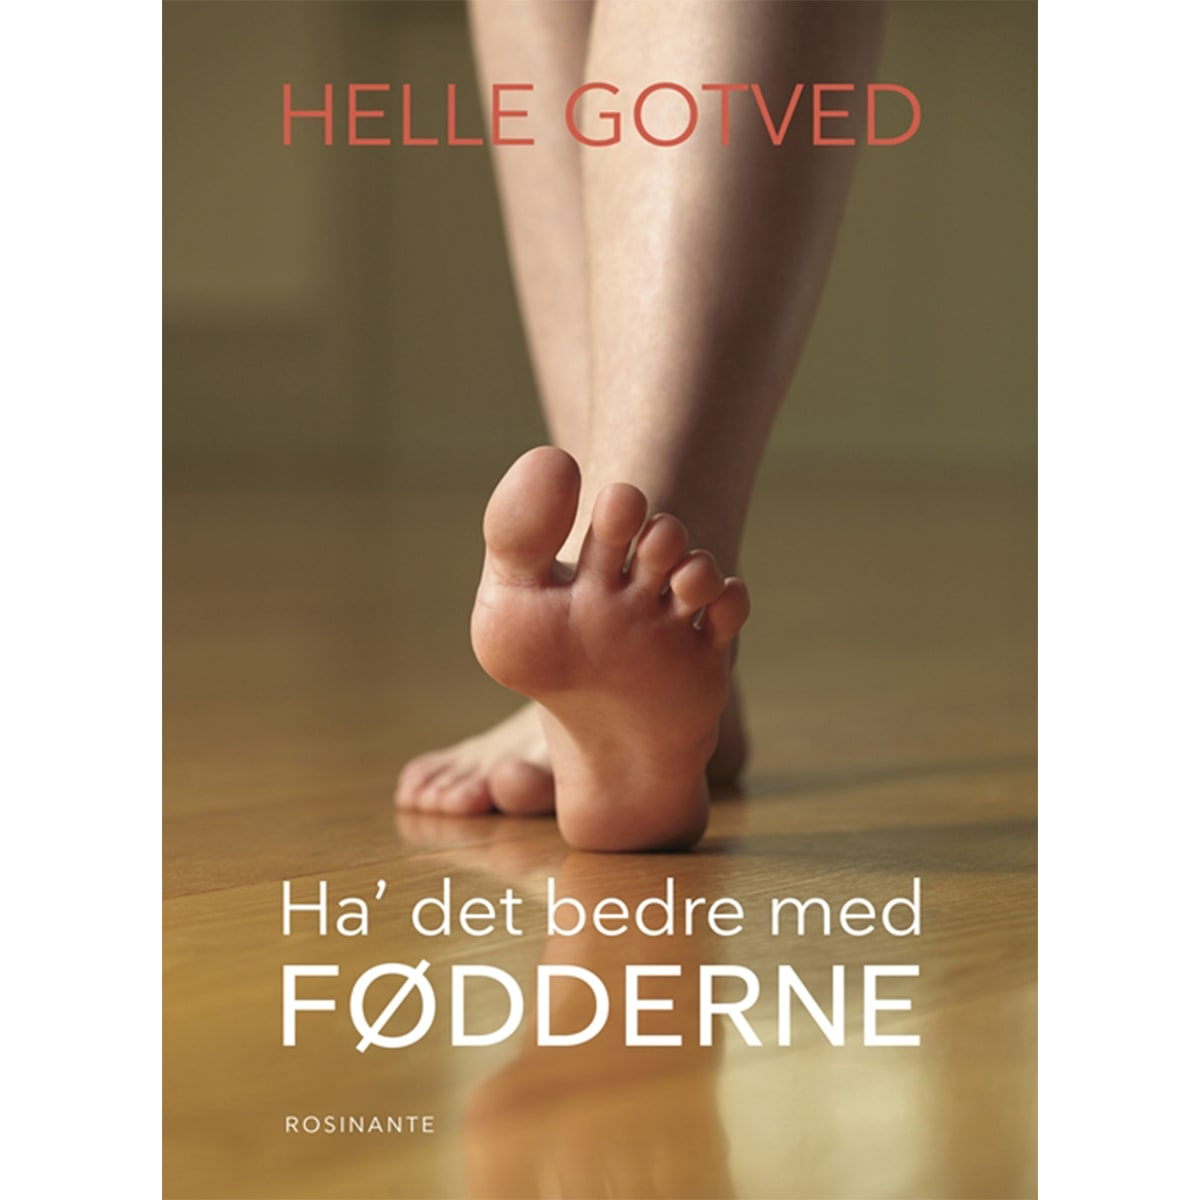 Af Helle Gotved